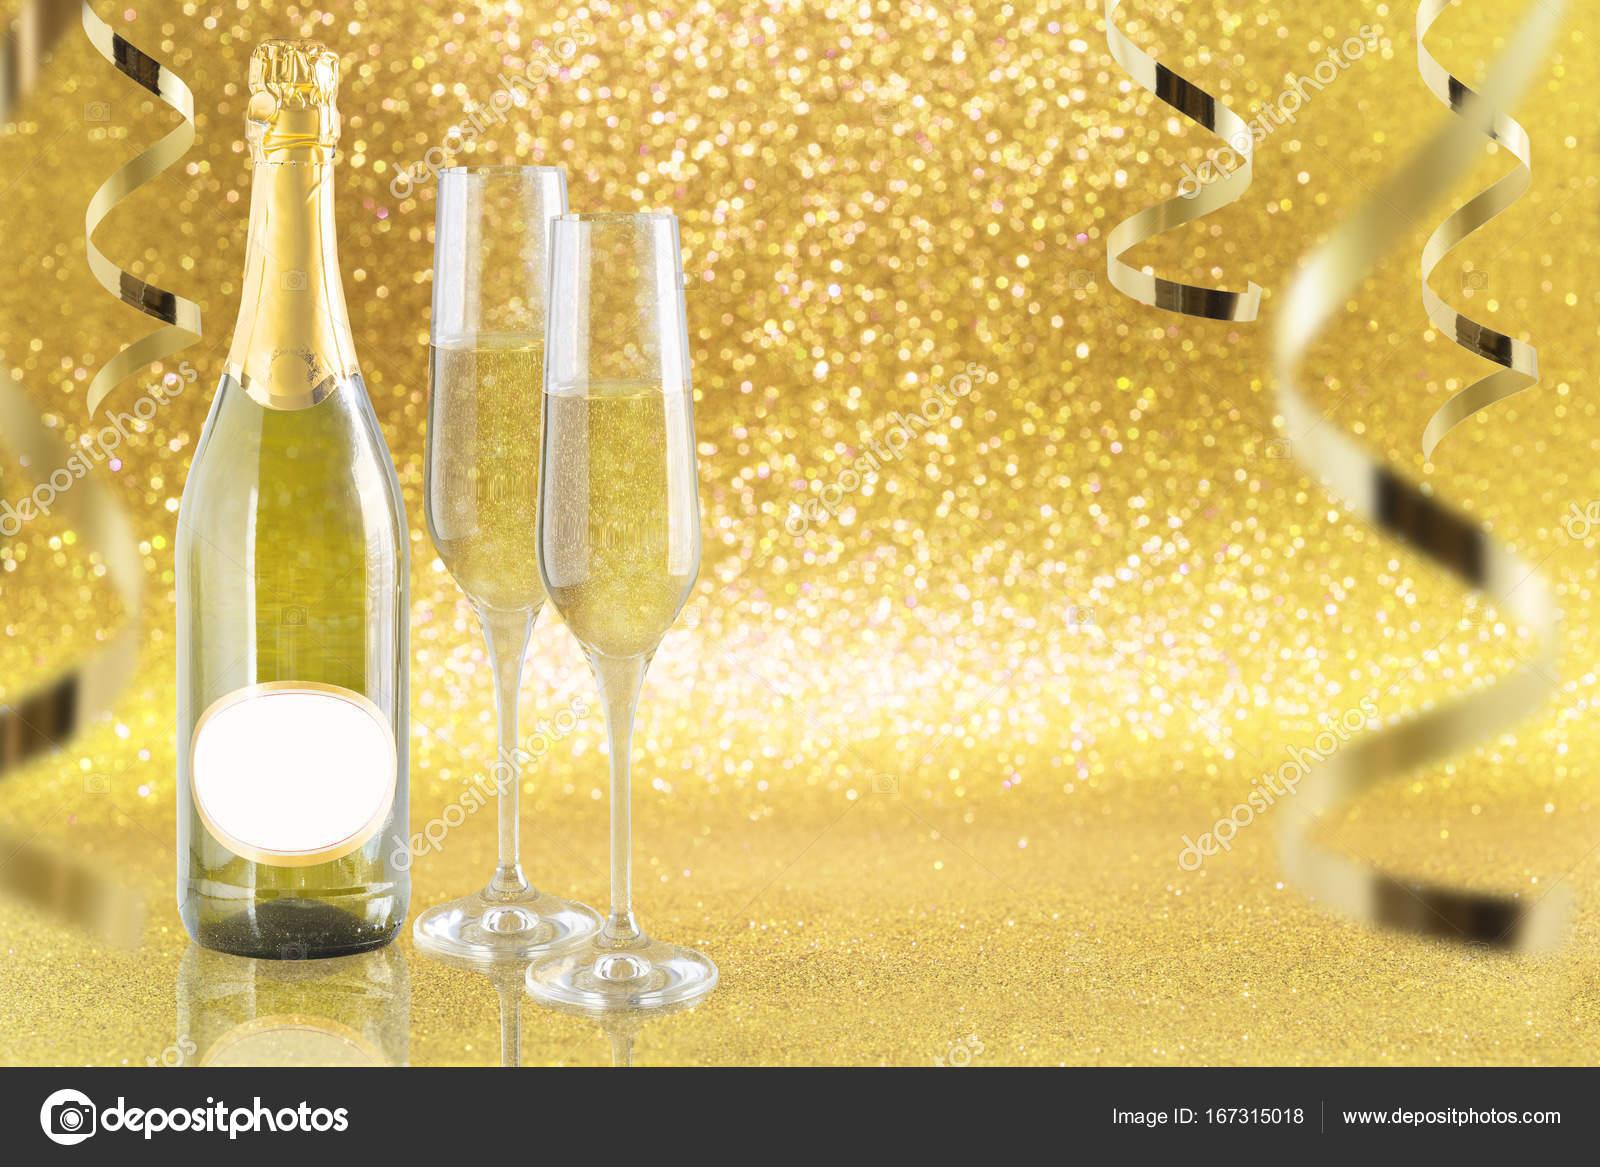 toast champagne golden background stock photo freedomshot 167315018